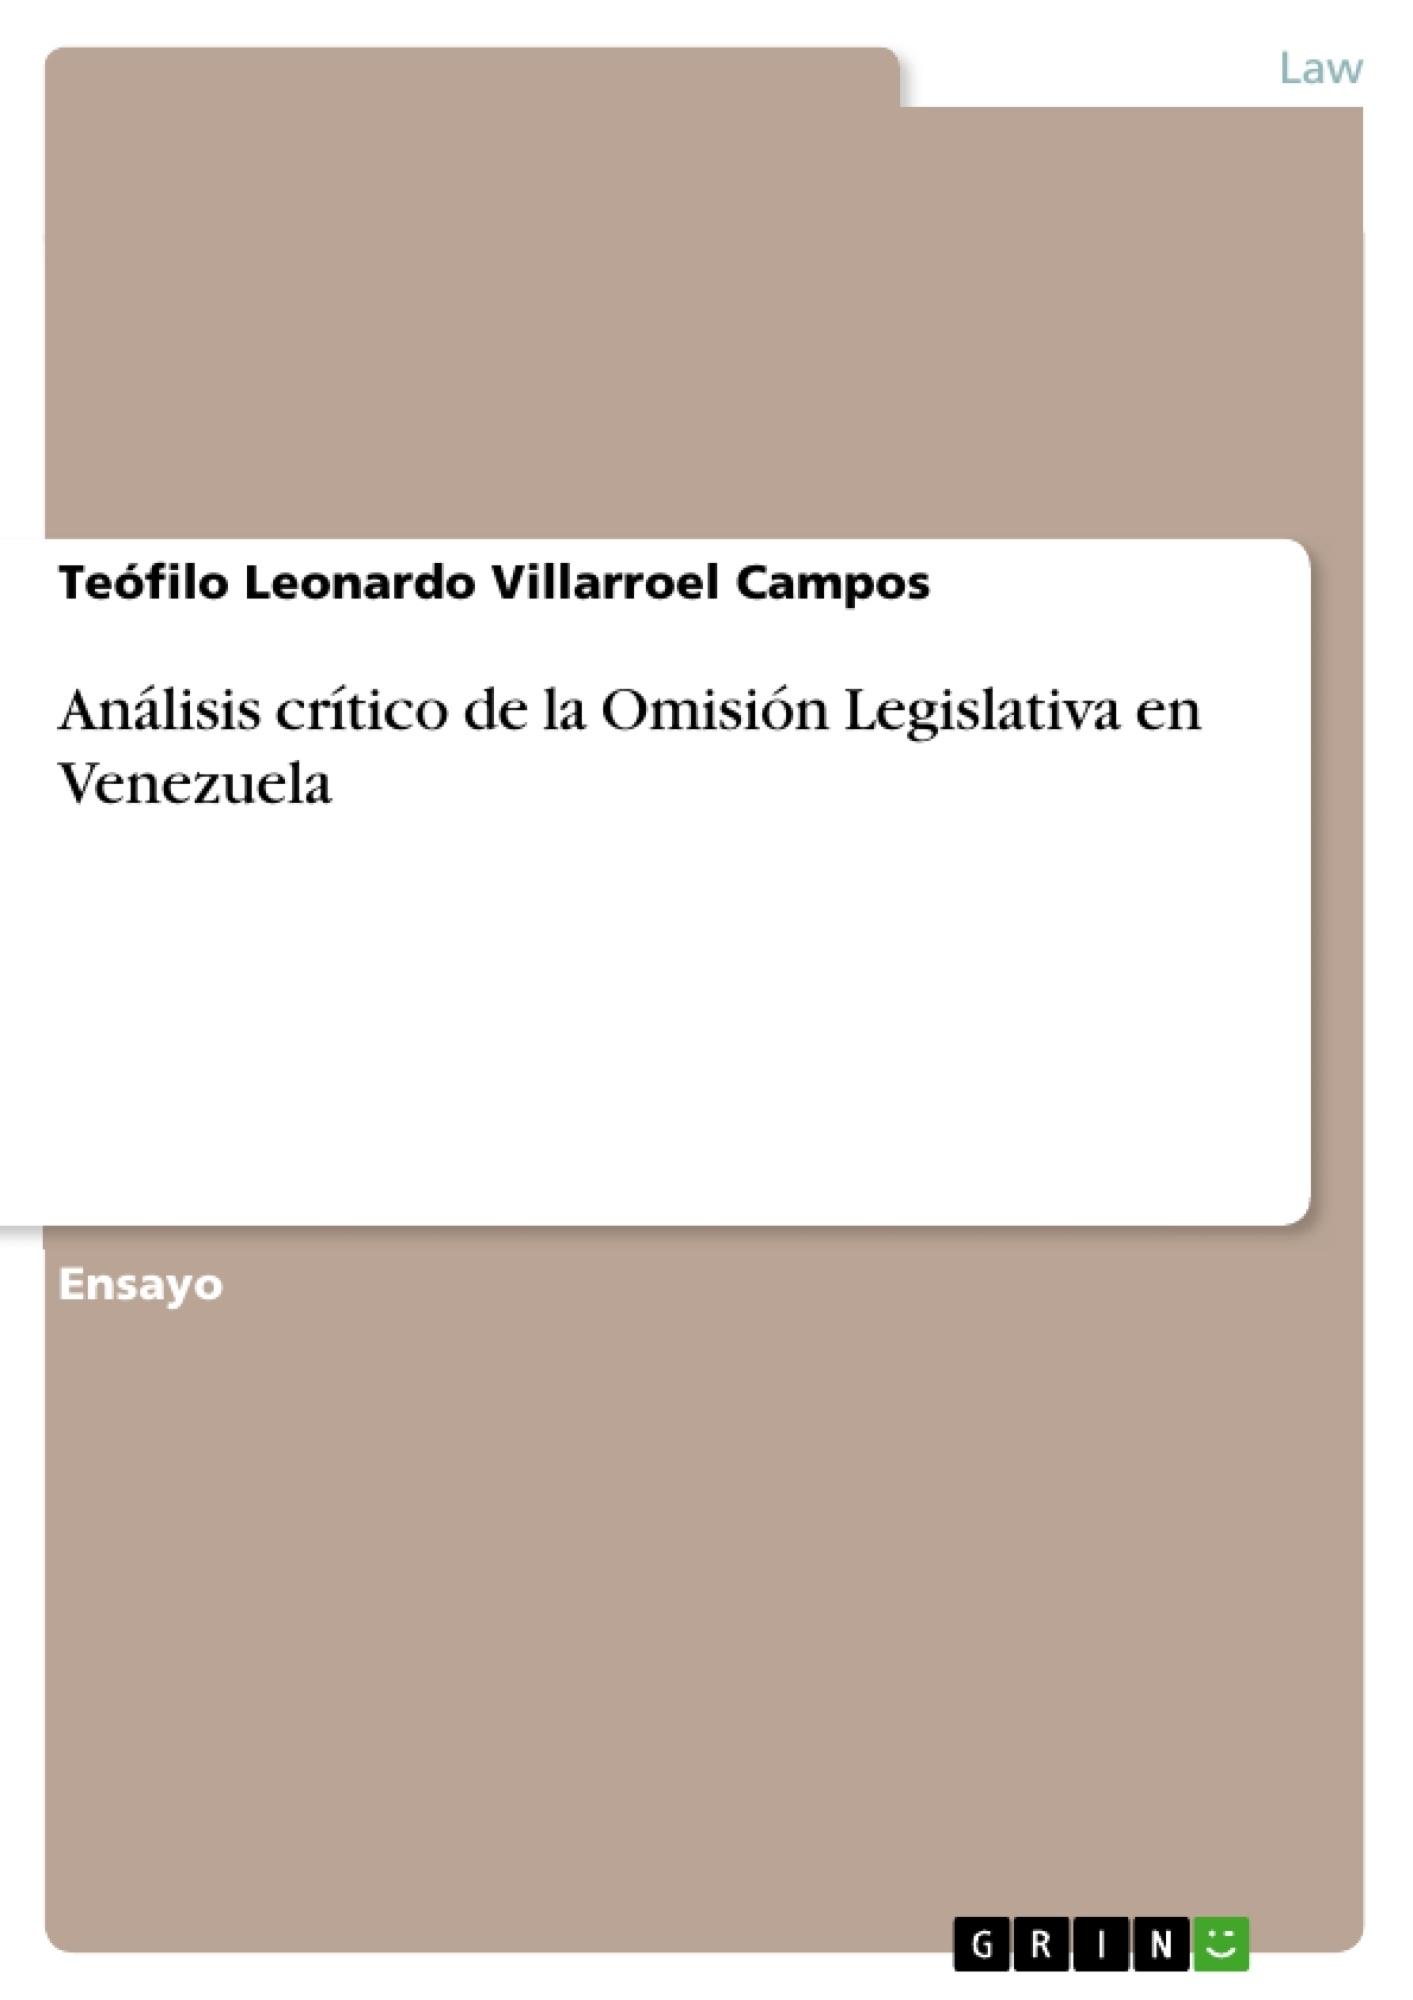 Título: Análisis crítico de la Omisión Legislativa en Venezuela